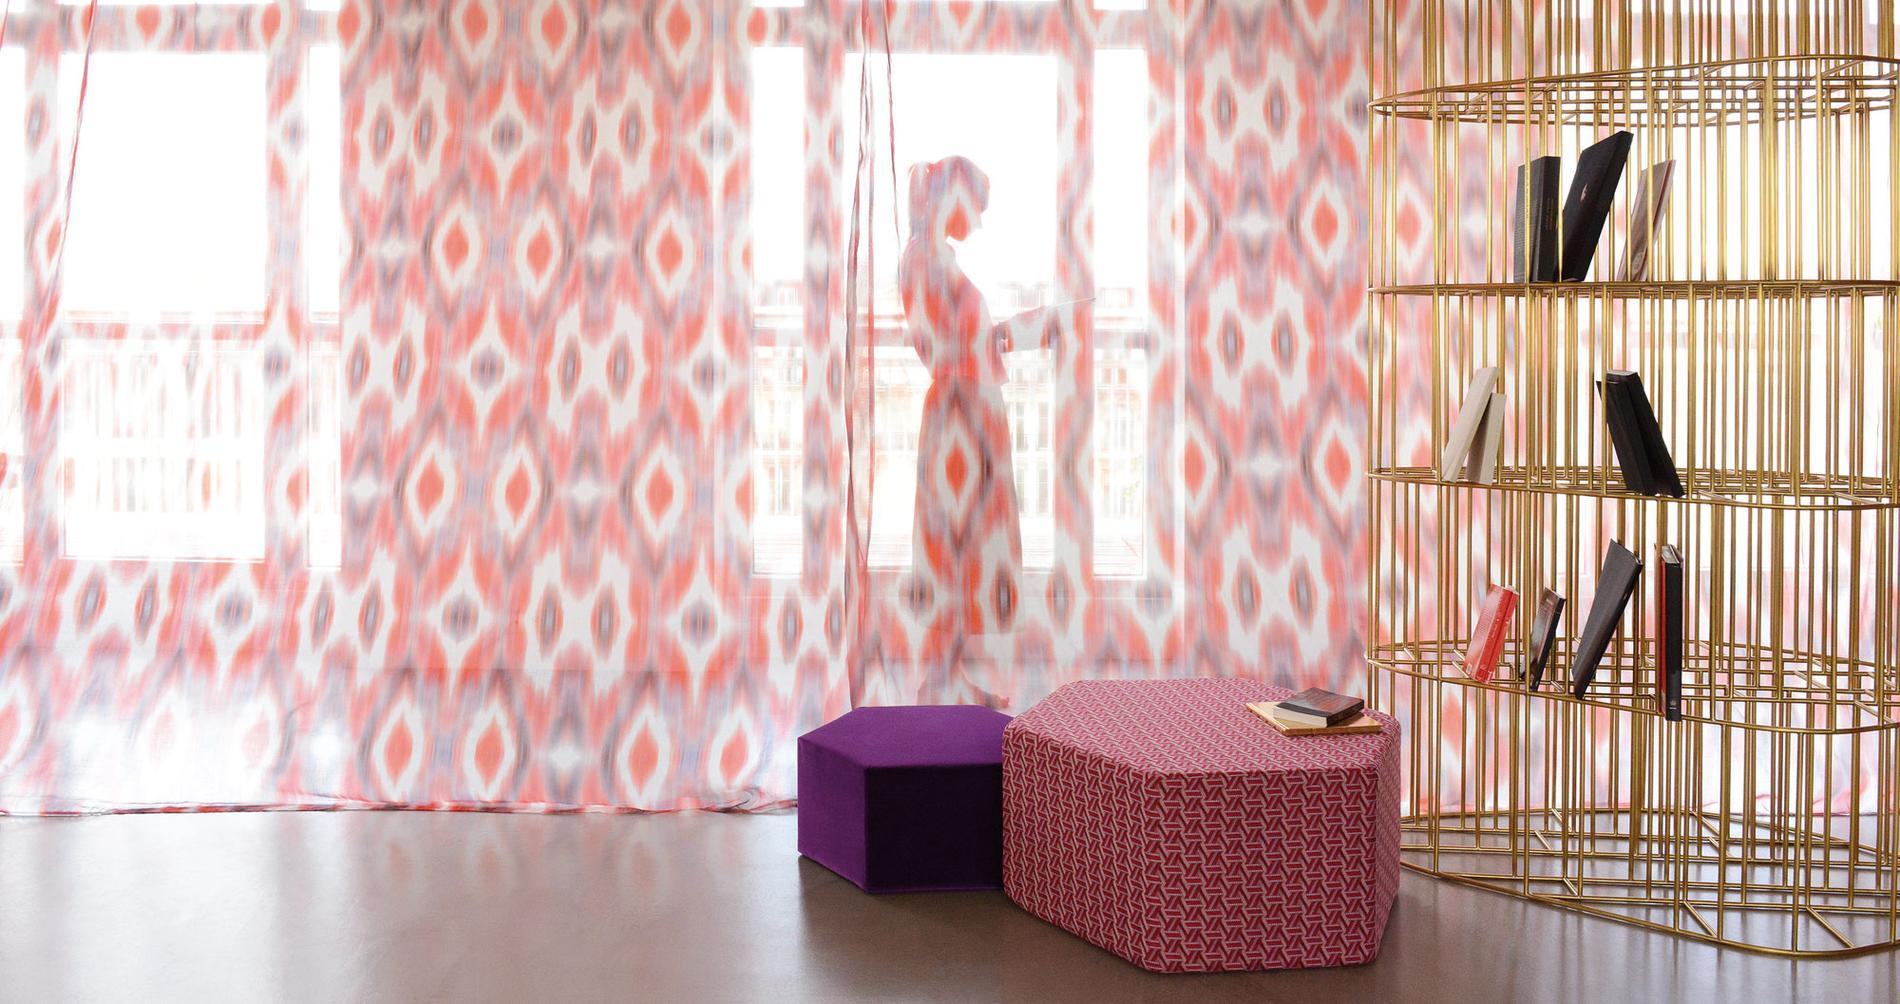 Photo De Rideau Pour Fenetre rideaux : 20 nouveautés pour habiller ses fenêtres avec